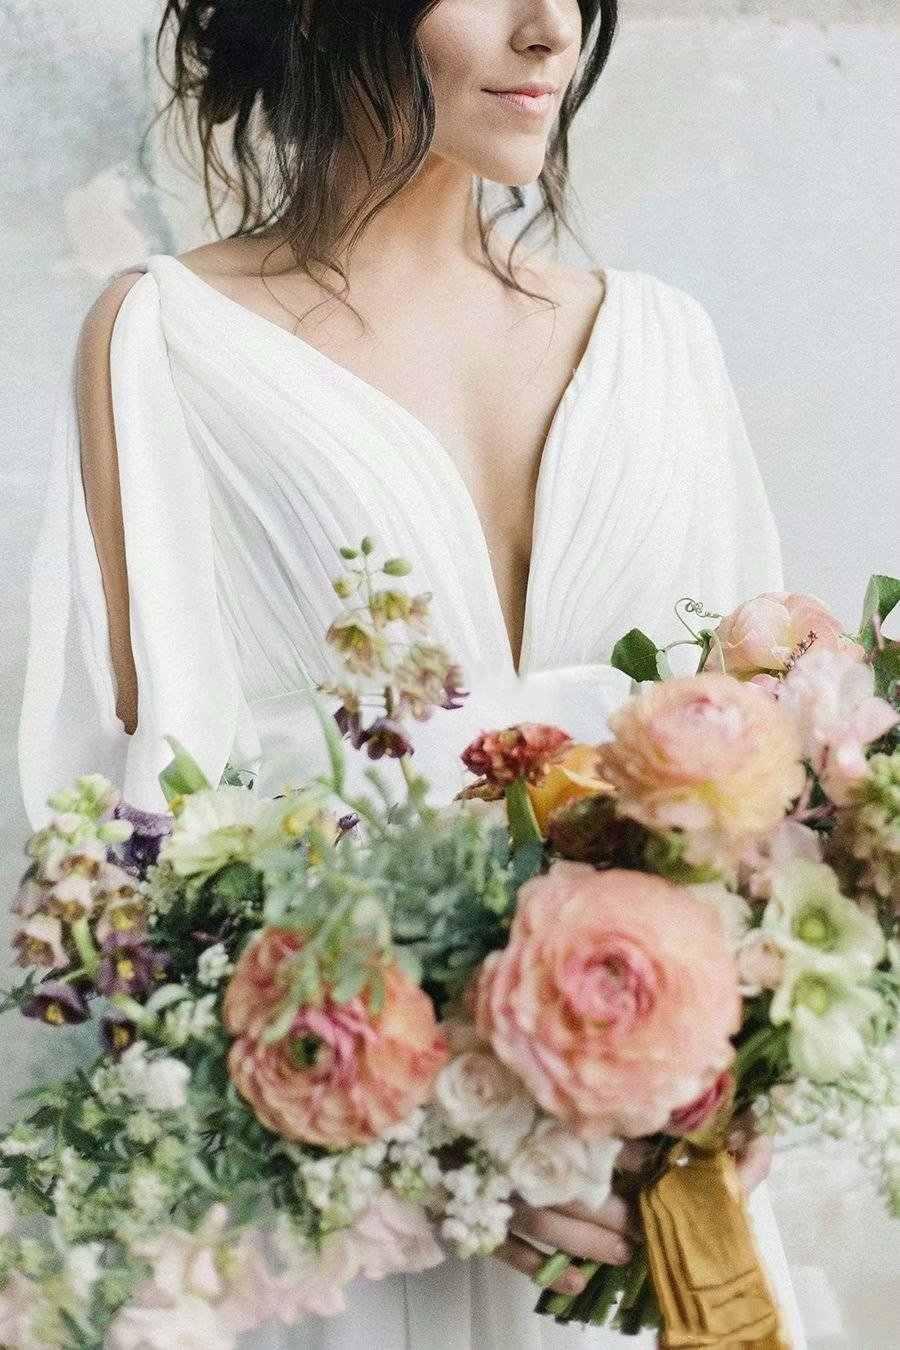 Yiminpwp Bohemian Váy Áo Cổ Chữ V Hở Lưng Nửa Tay Càn Quét Tàu Voan Rủ Đi Biển Mùa Hè Nước Cô Dâu Đồ Bầu